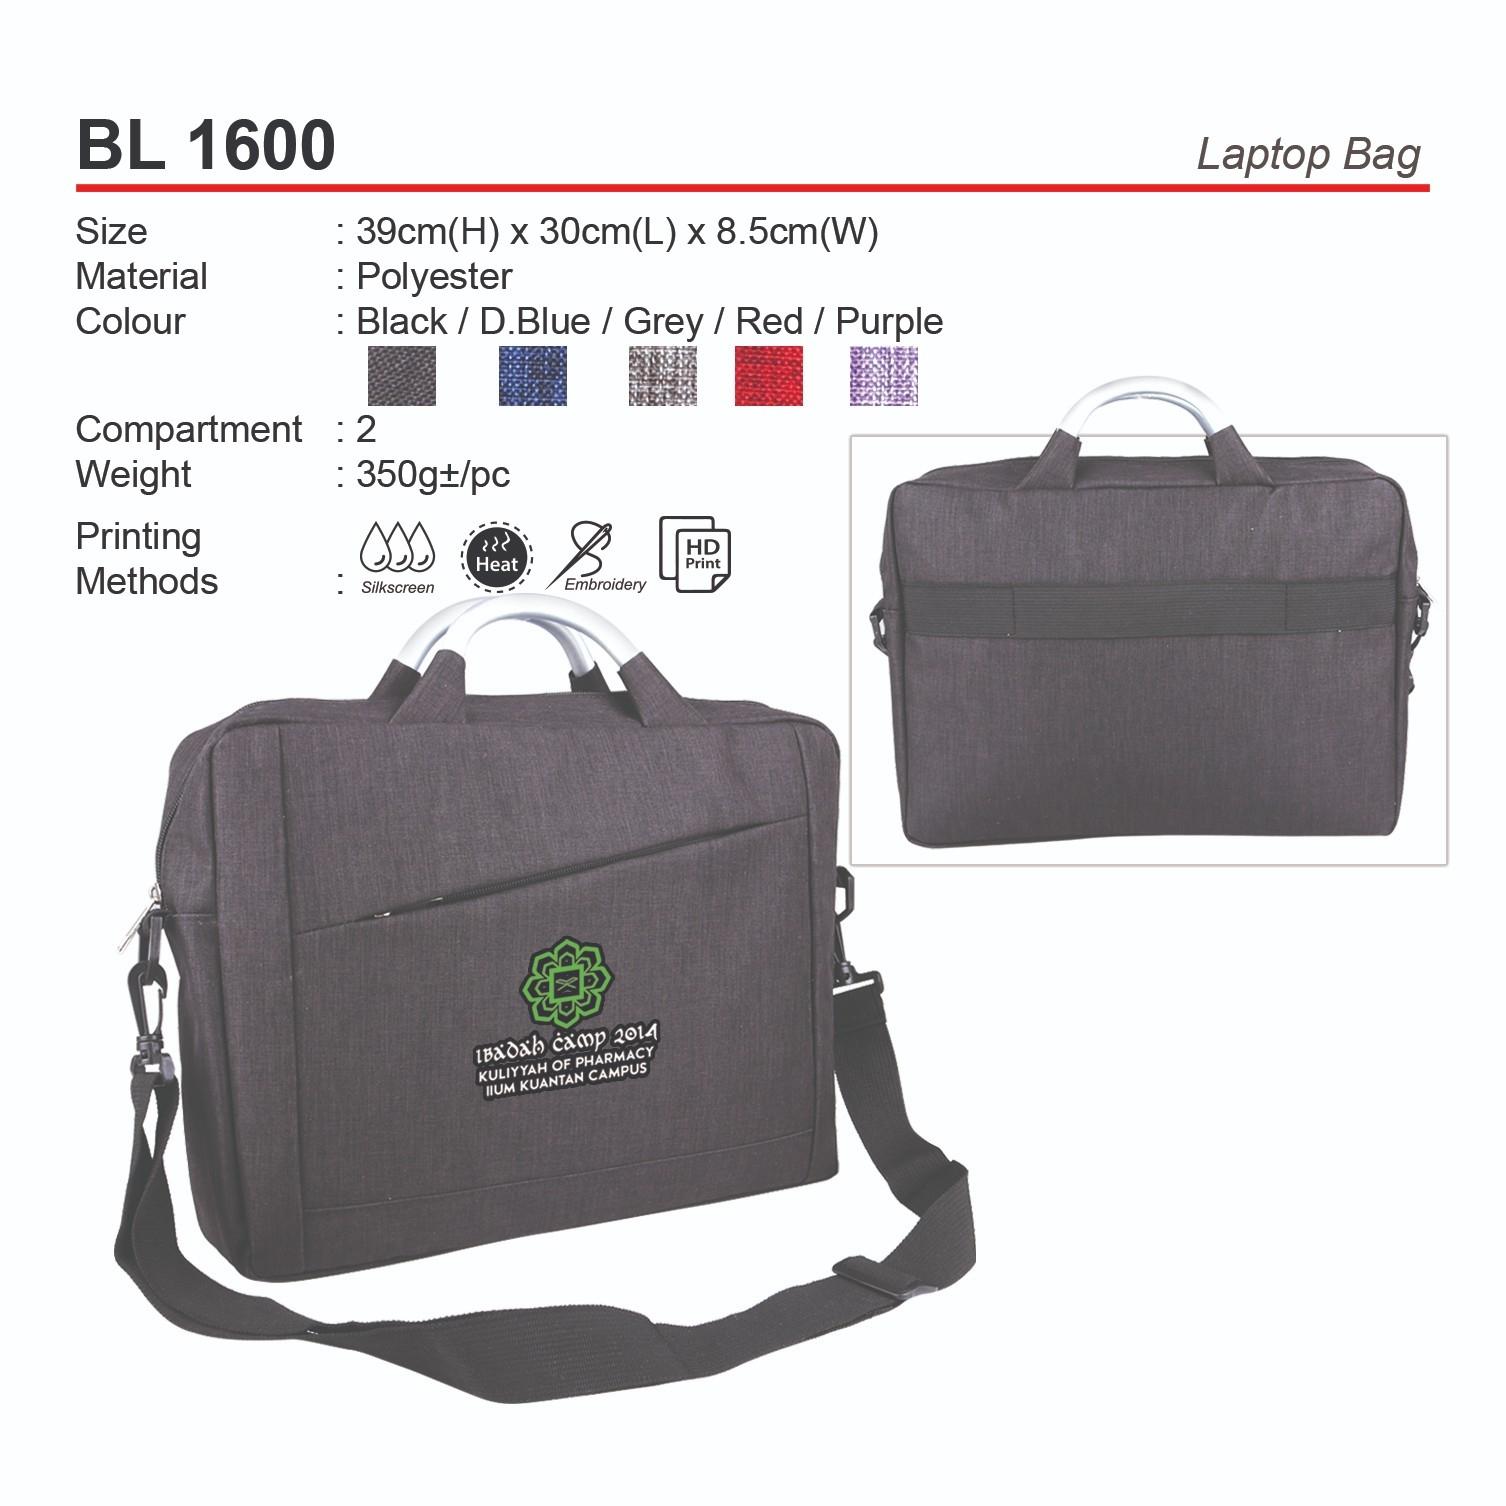 BL1600 Laptop Bag